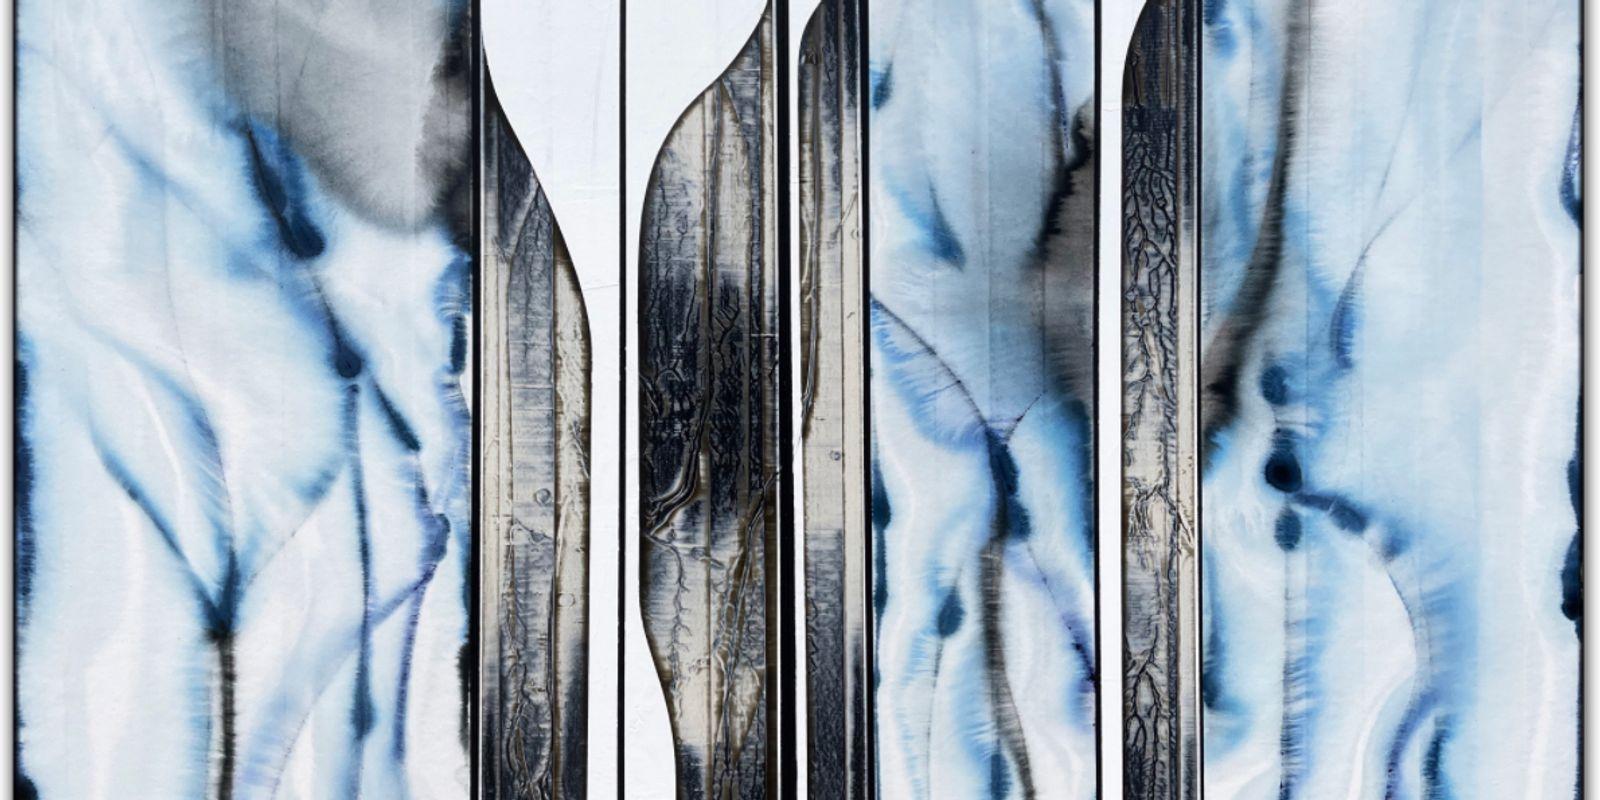 Michael Kessler – Snowbanks (4)